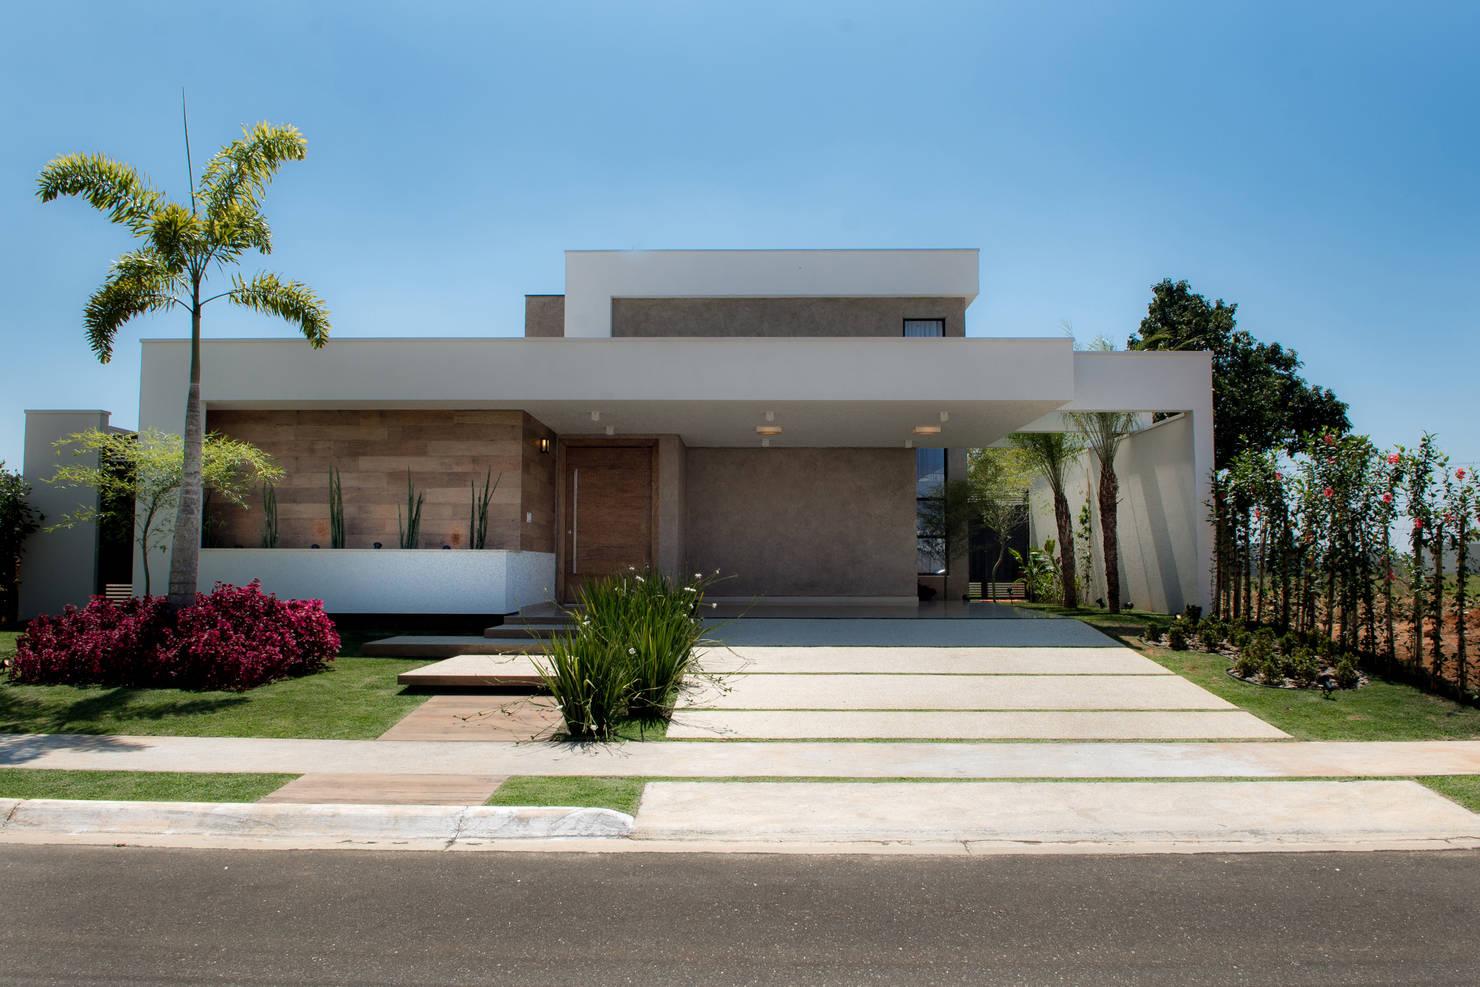 6 dicas para se ter uma casa moderna, belíssima e funcional